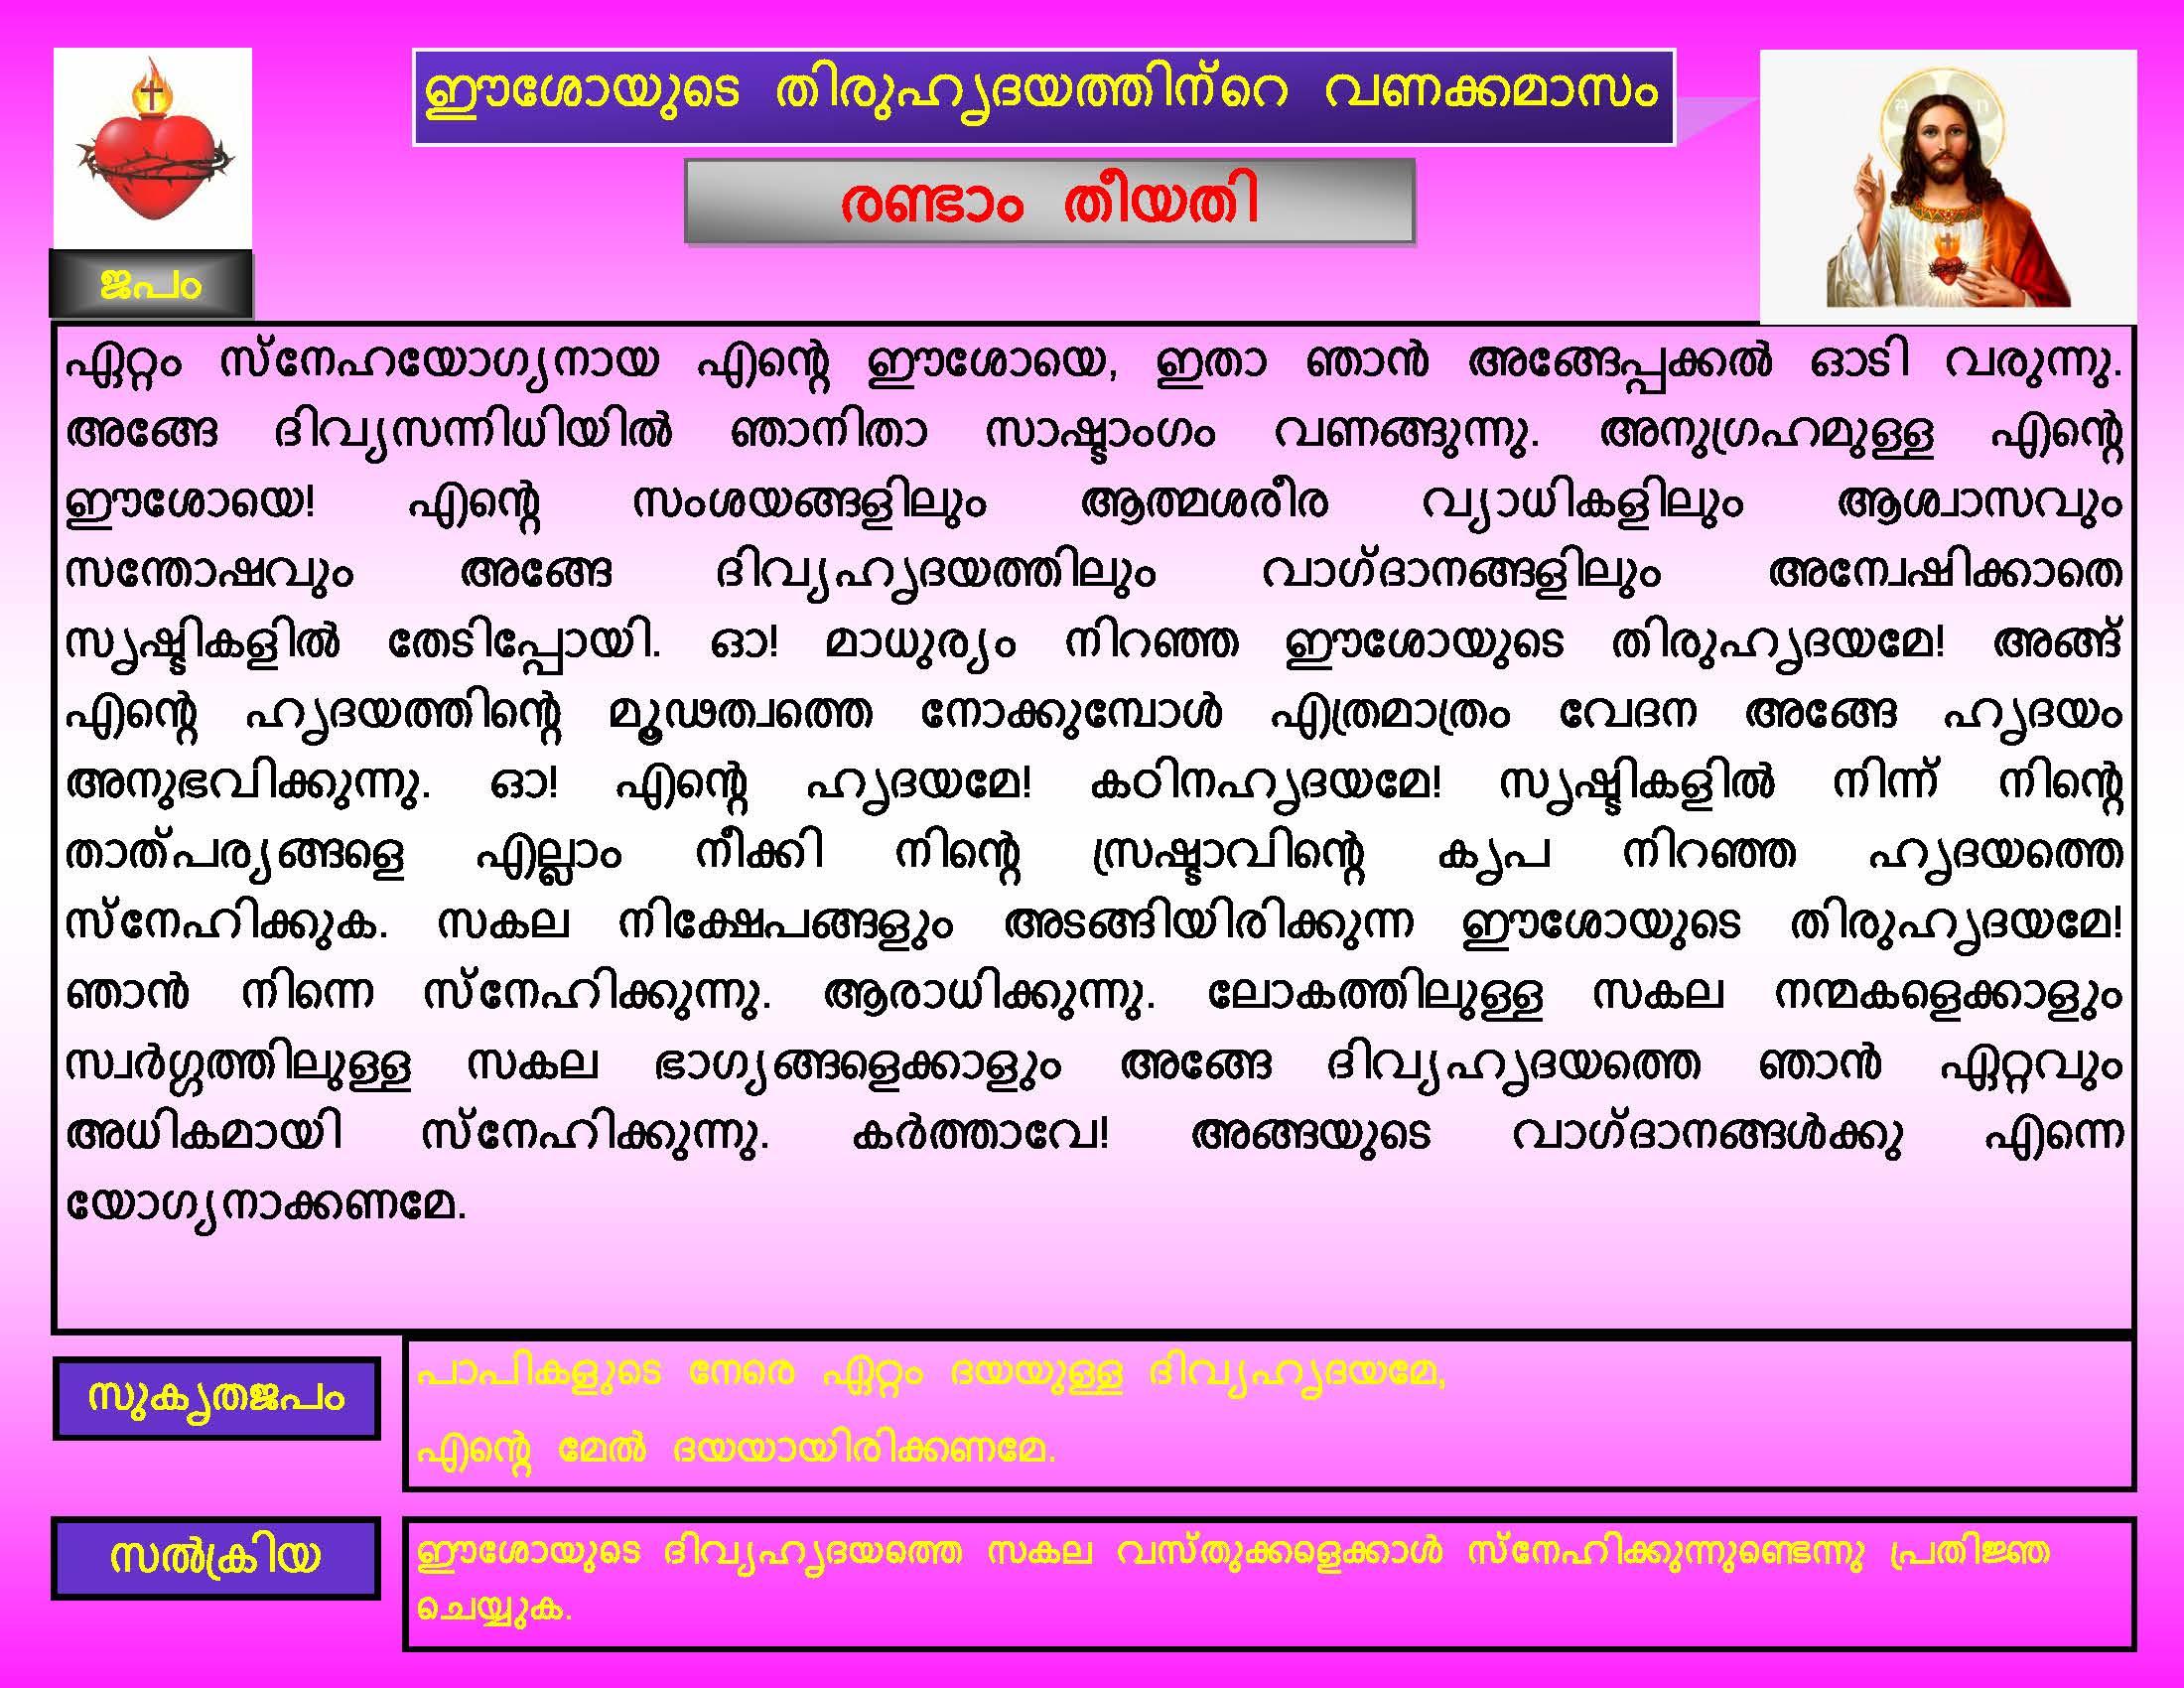 Thiruhrudaya Vanakkamasam - Day 2